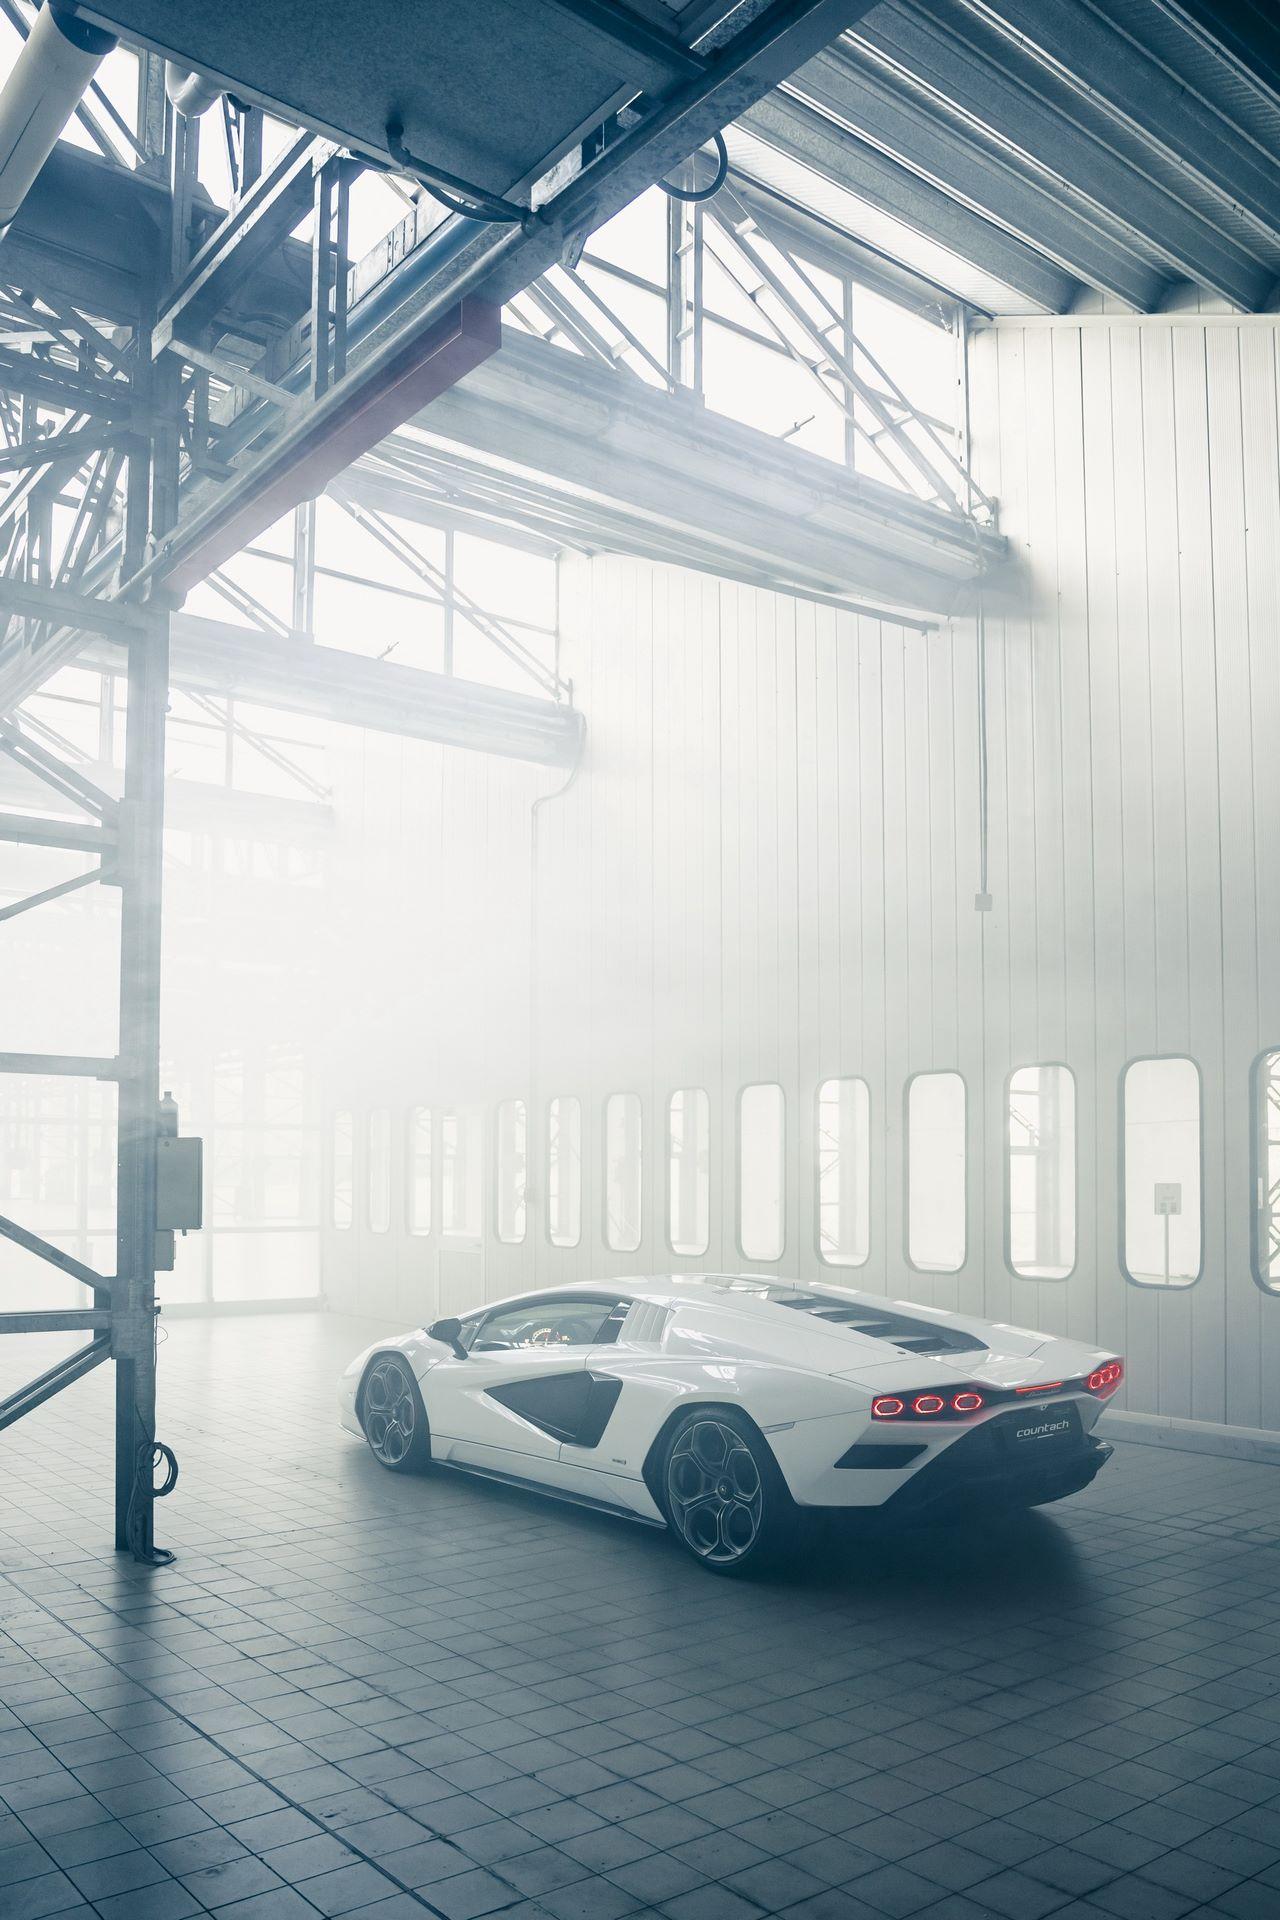 Lamborghini-Countach-LPI-800-4-63